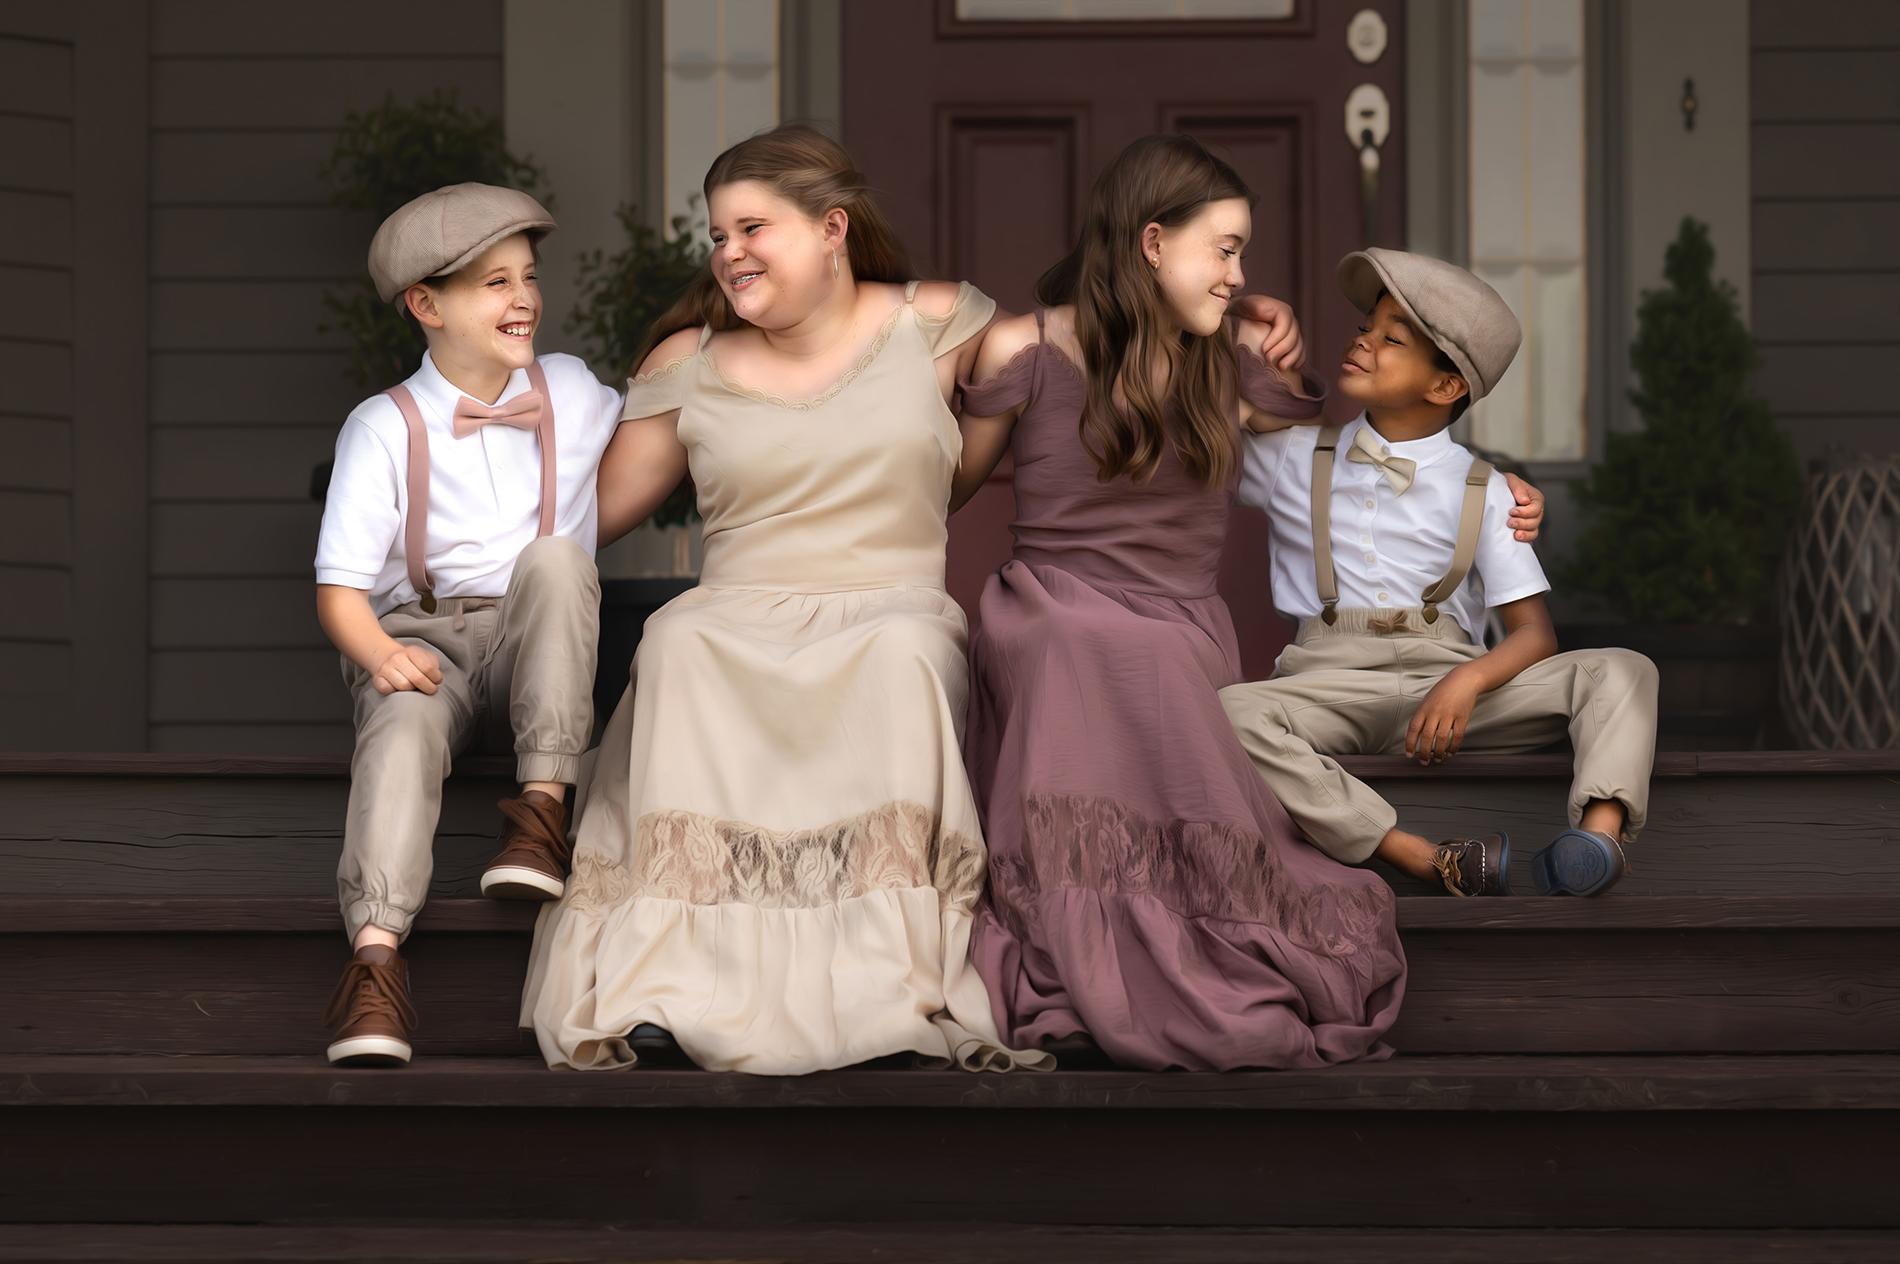 Children on the porch